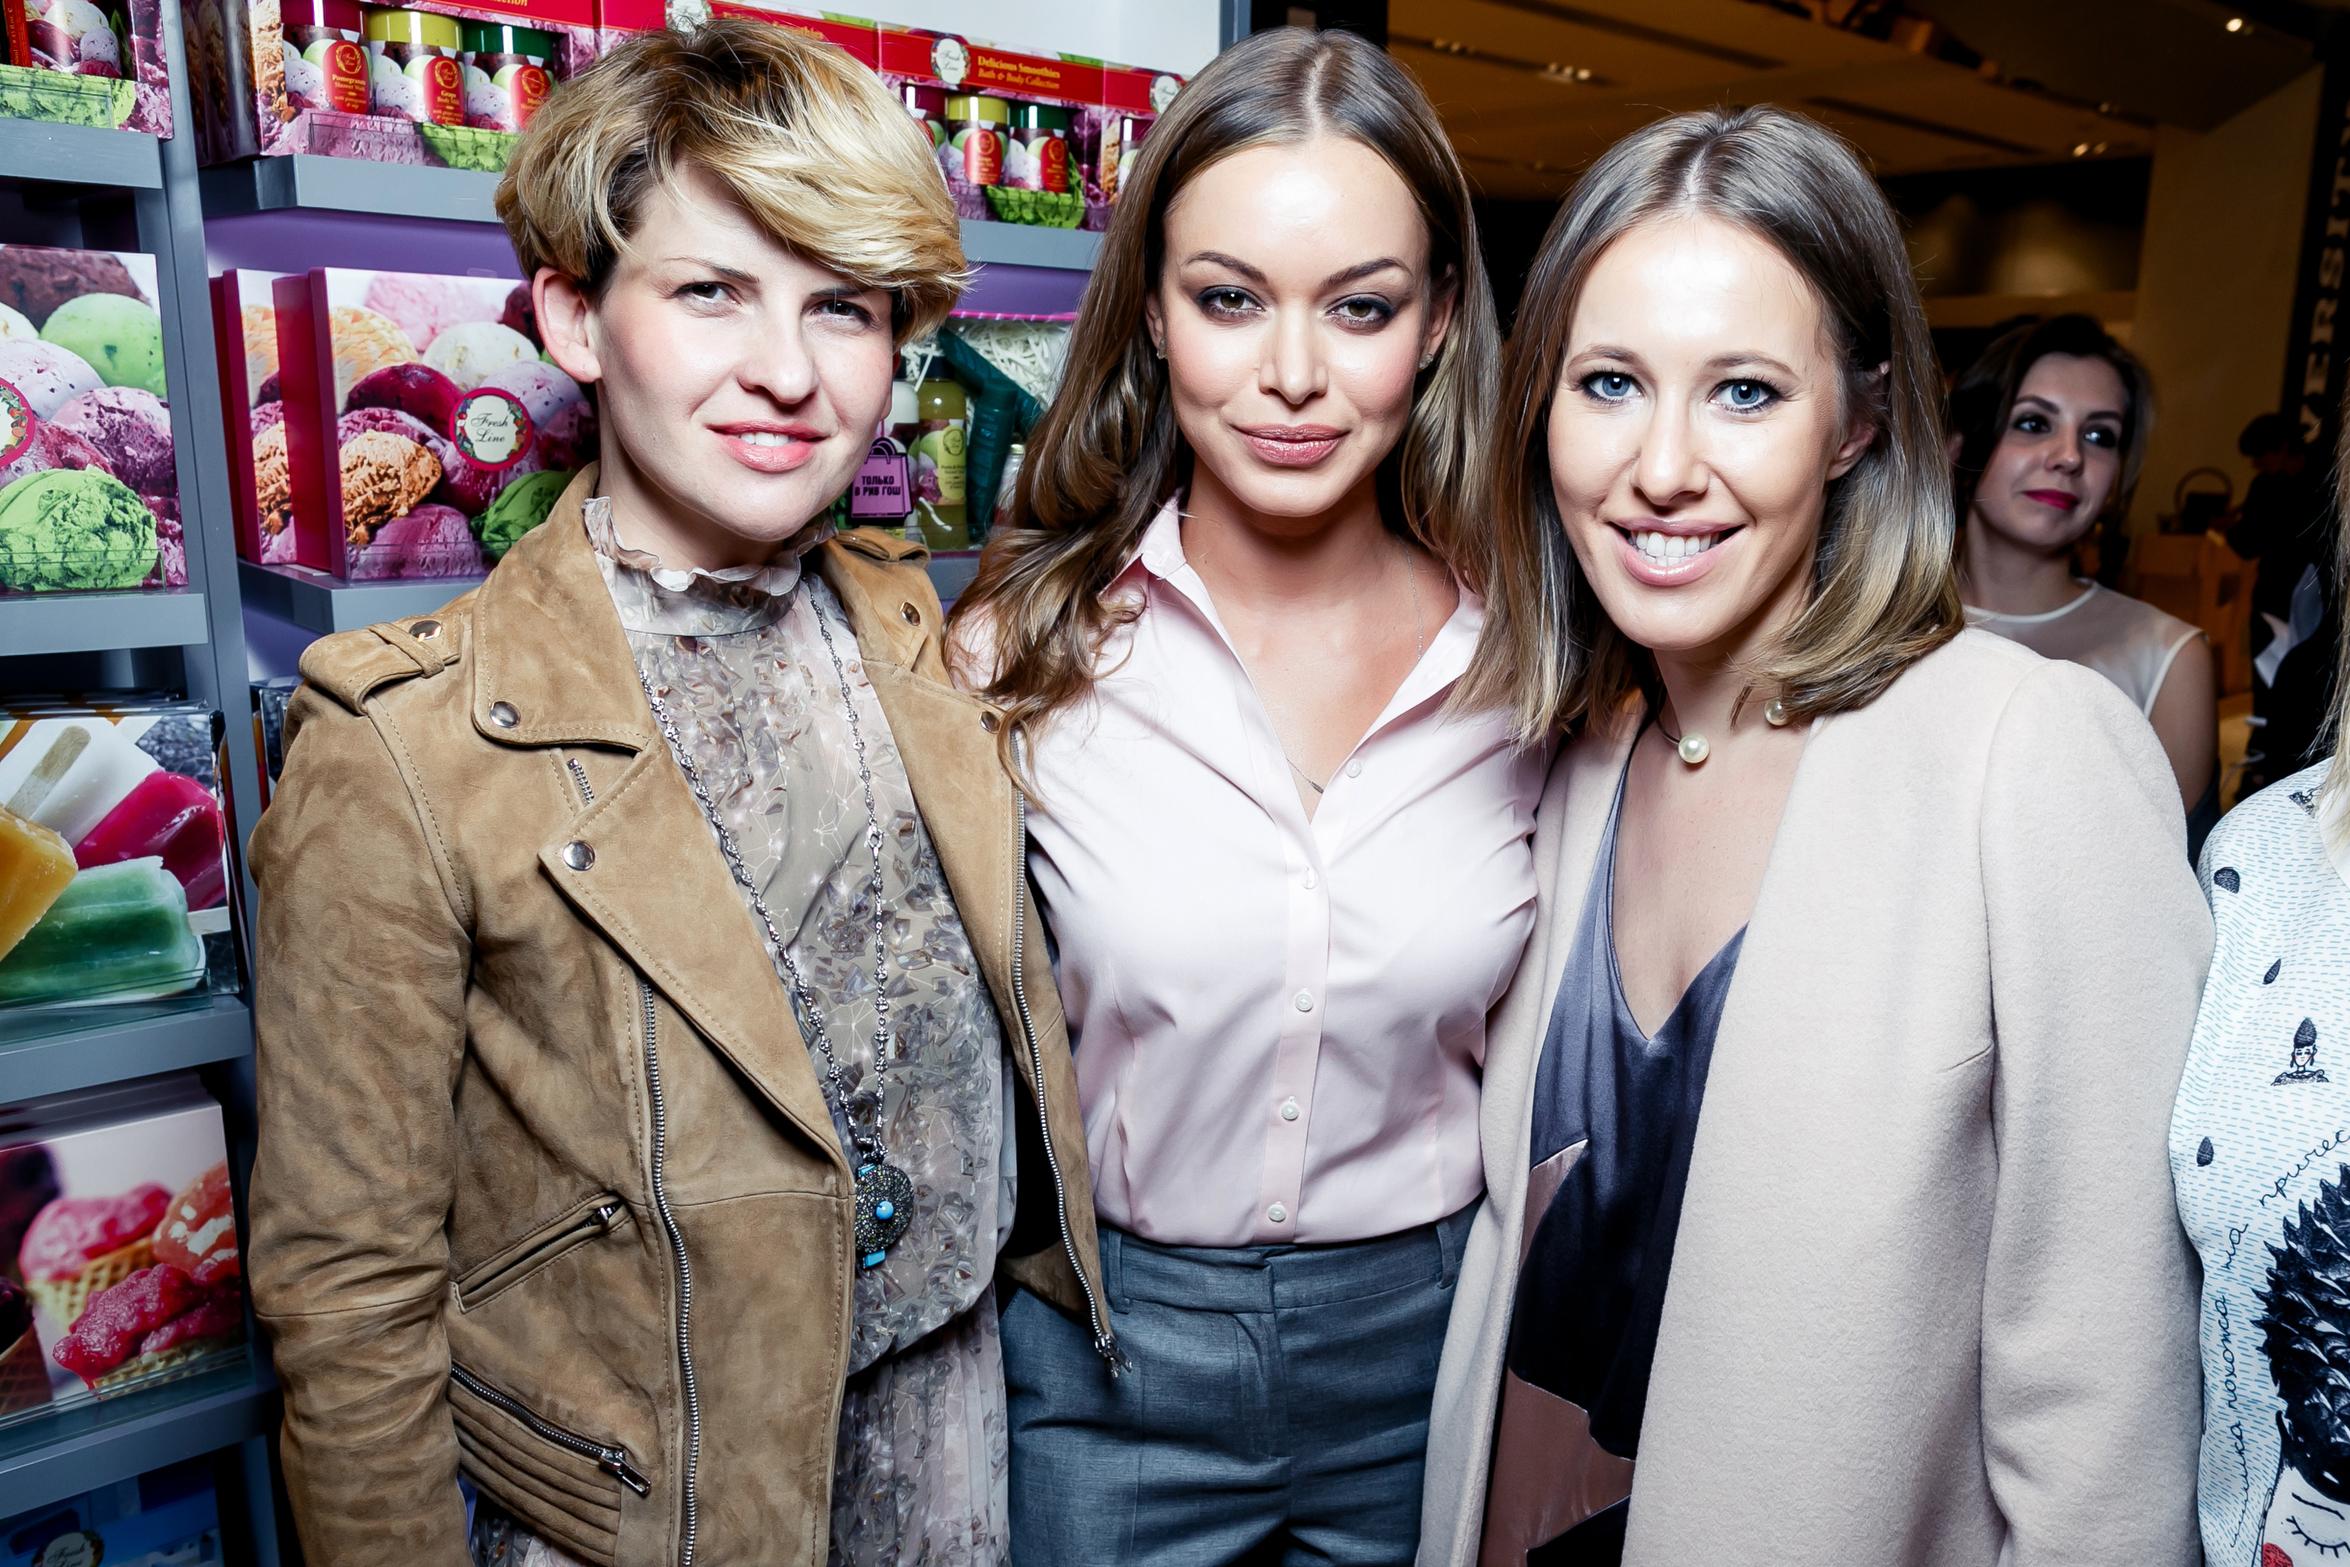 Полина Киценко (Podium), Анастасия Романцова (A La RUSSE) и журналист Ксения Собчак